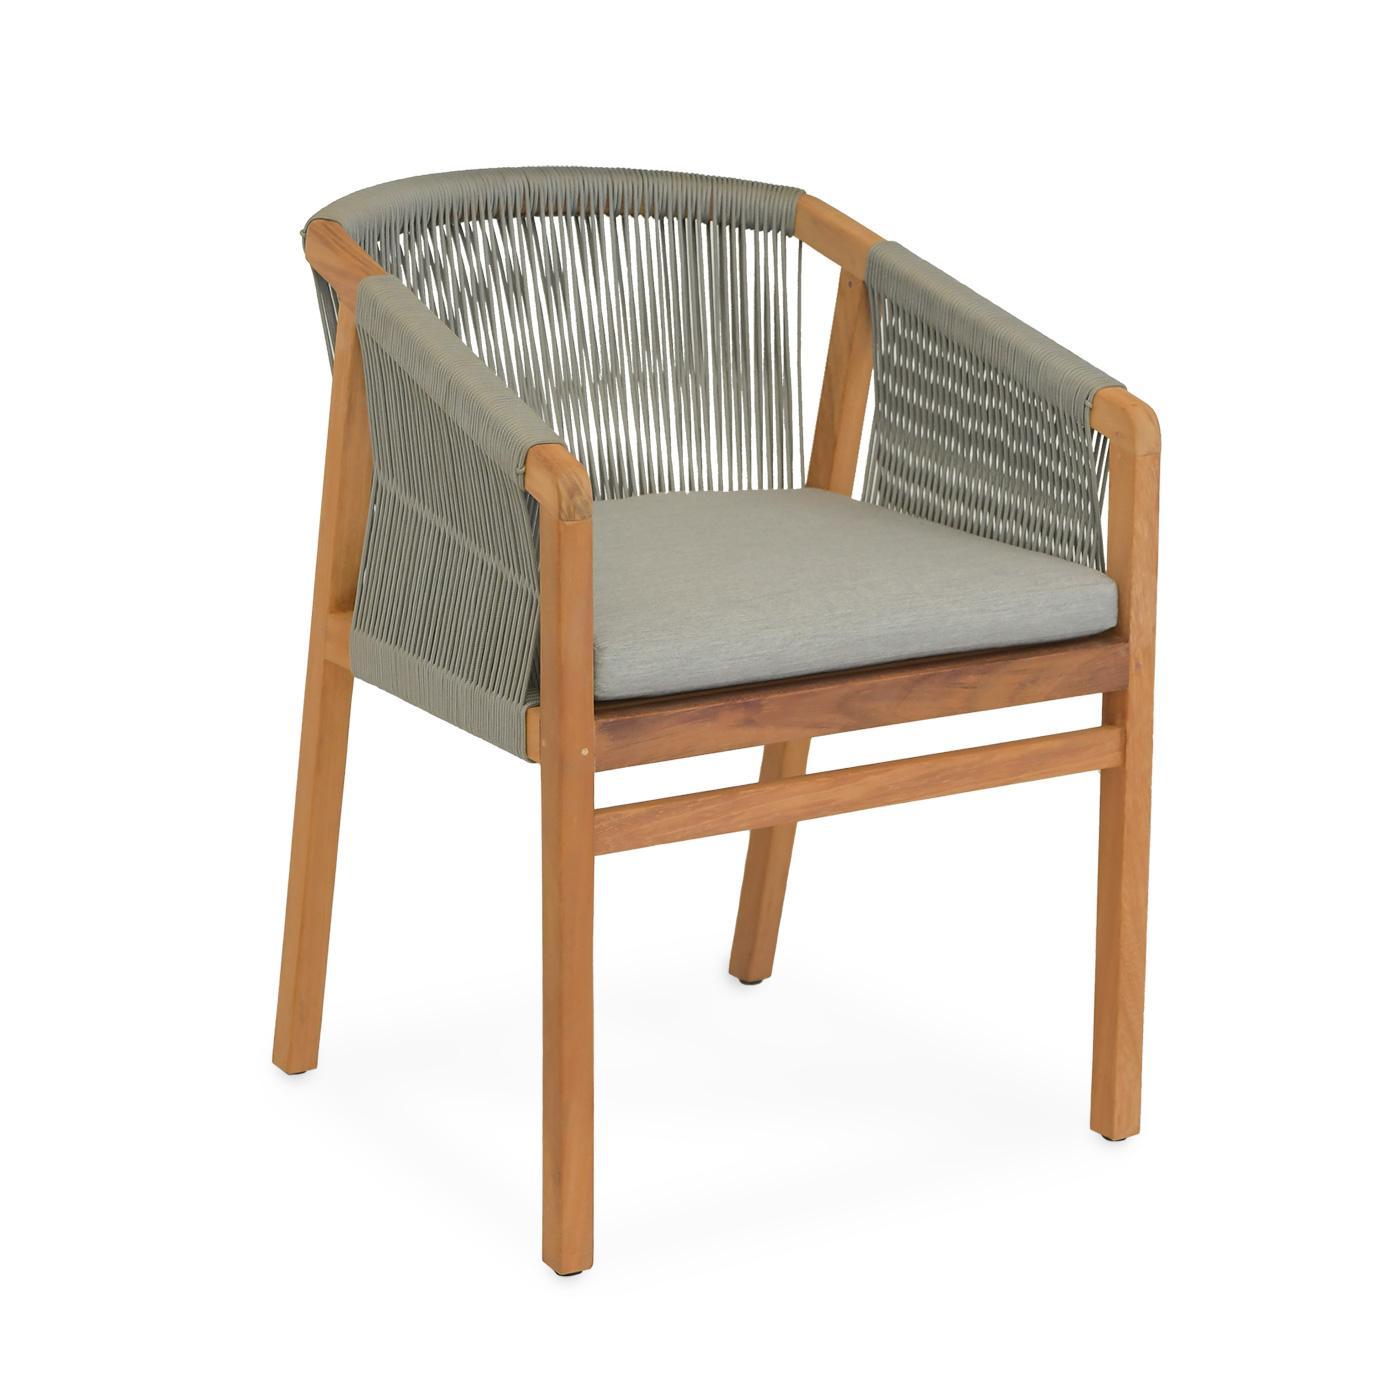 savanna-din-chair-grey